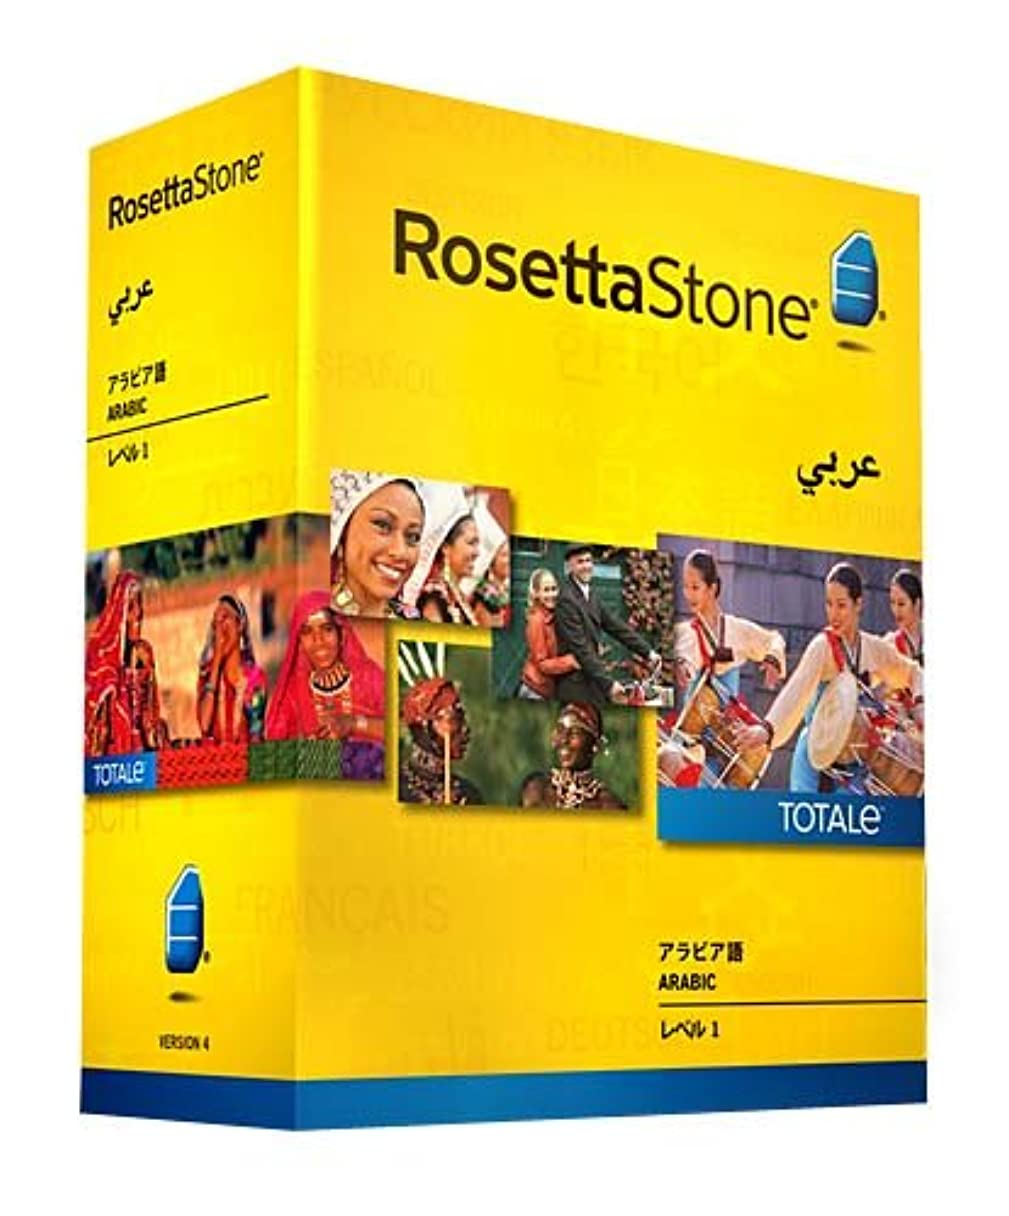 レポートを書く超音速ブレークロゼッタストーン アラビア語 レベル1 v4 TOTALe